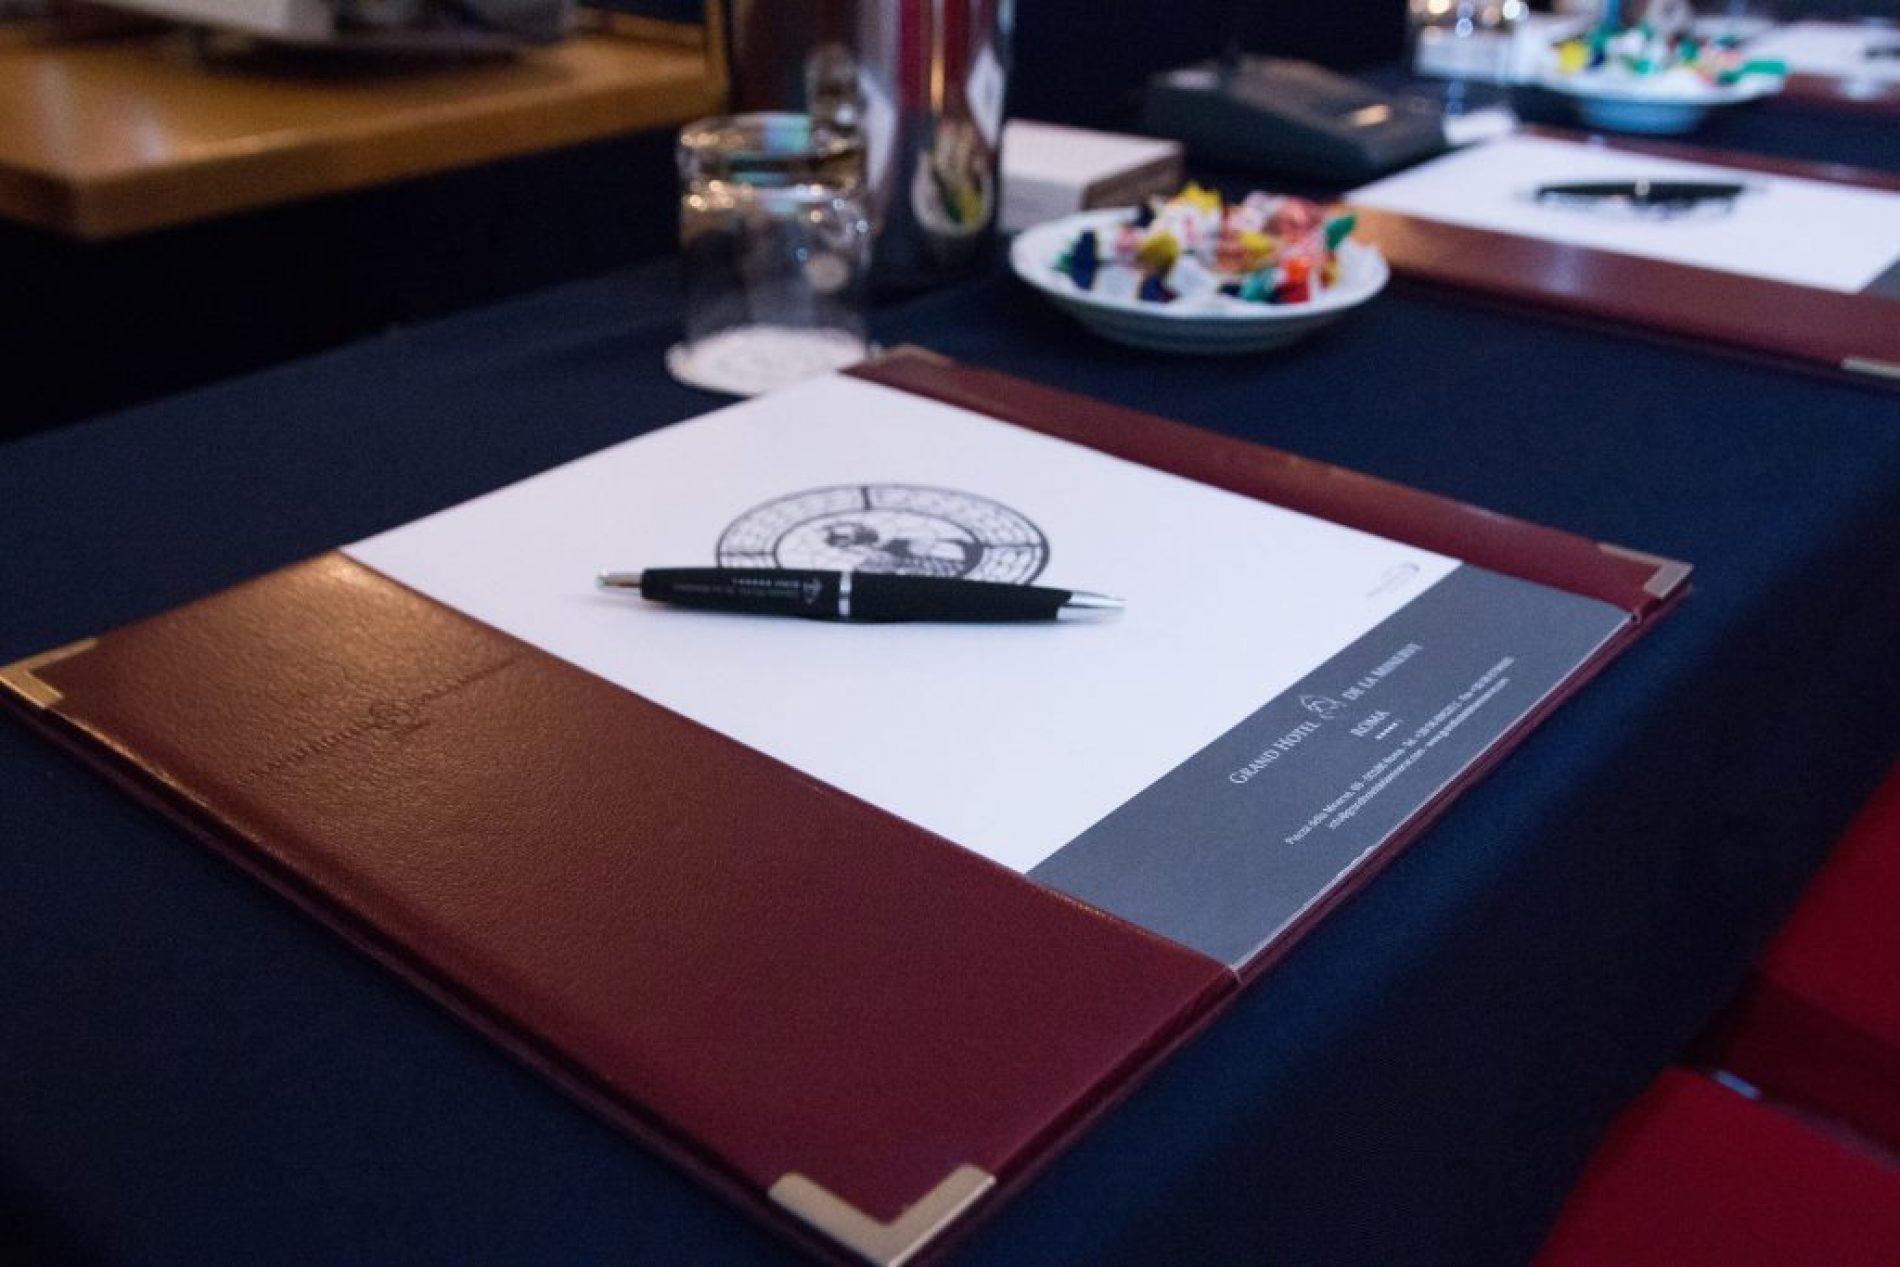 Roma – Seminario del Comitato Scientifico per la ricerca sulle e-cig